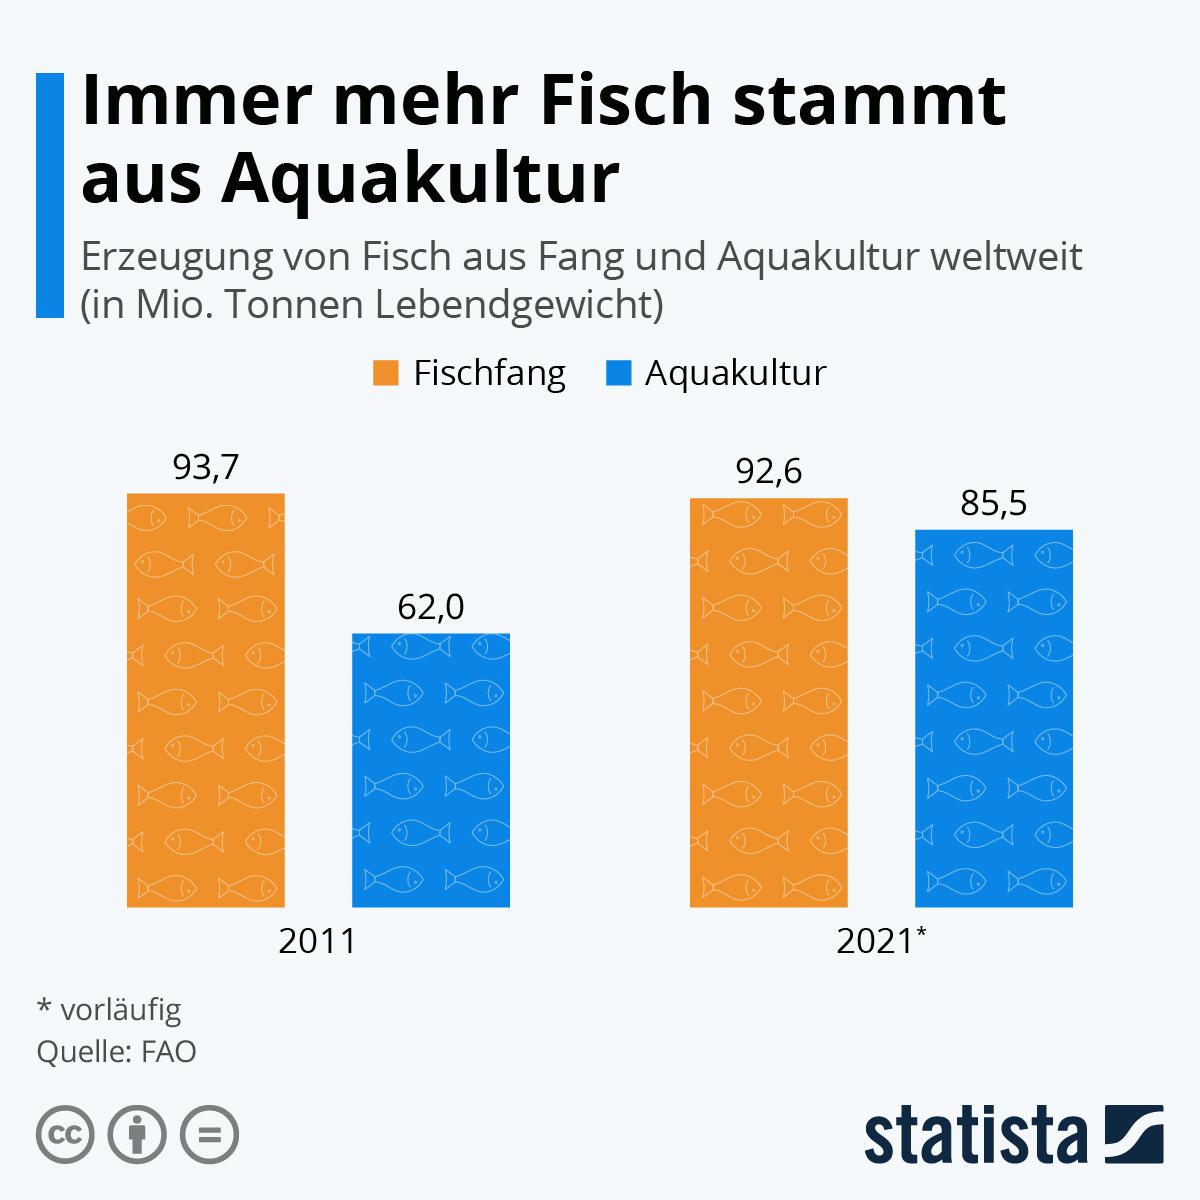 Immer mehr Fisch stammt aus Aquakulturen | Statista